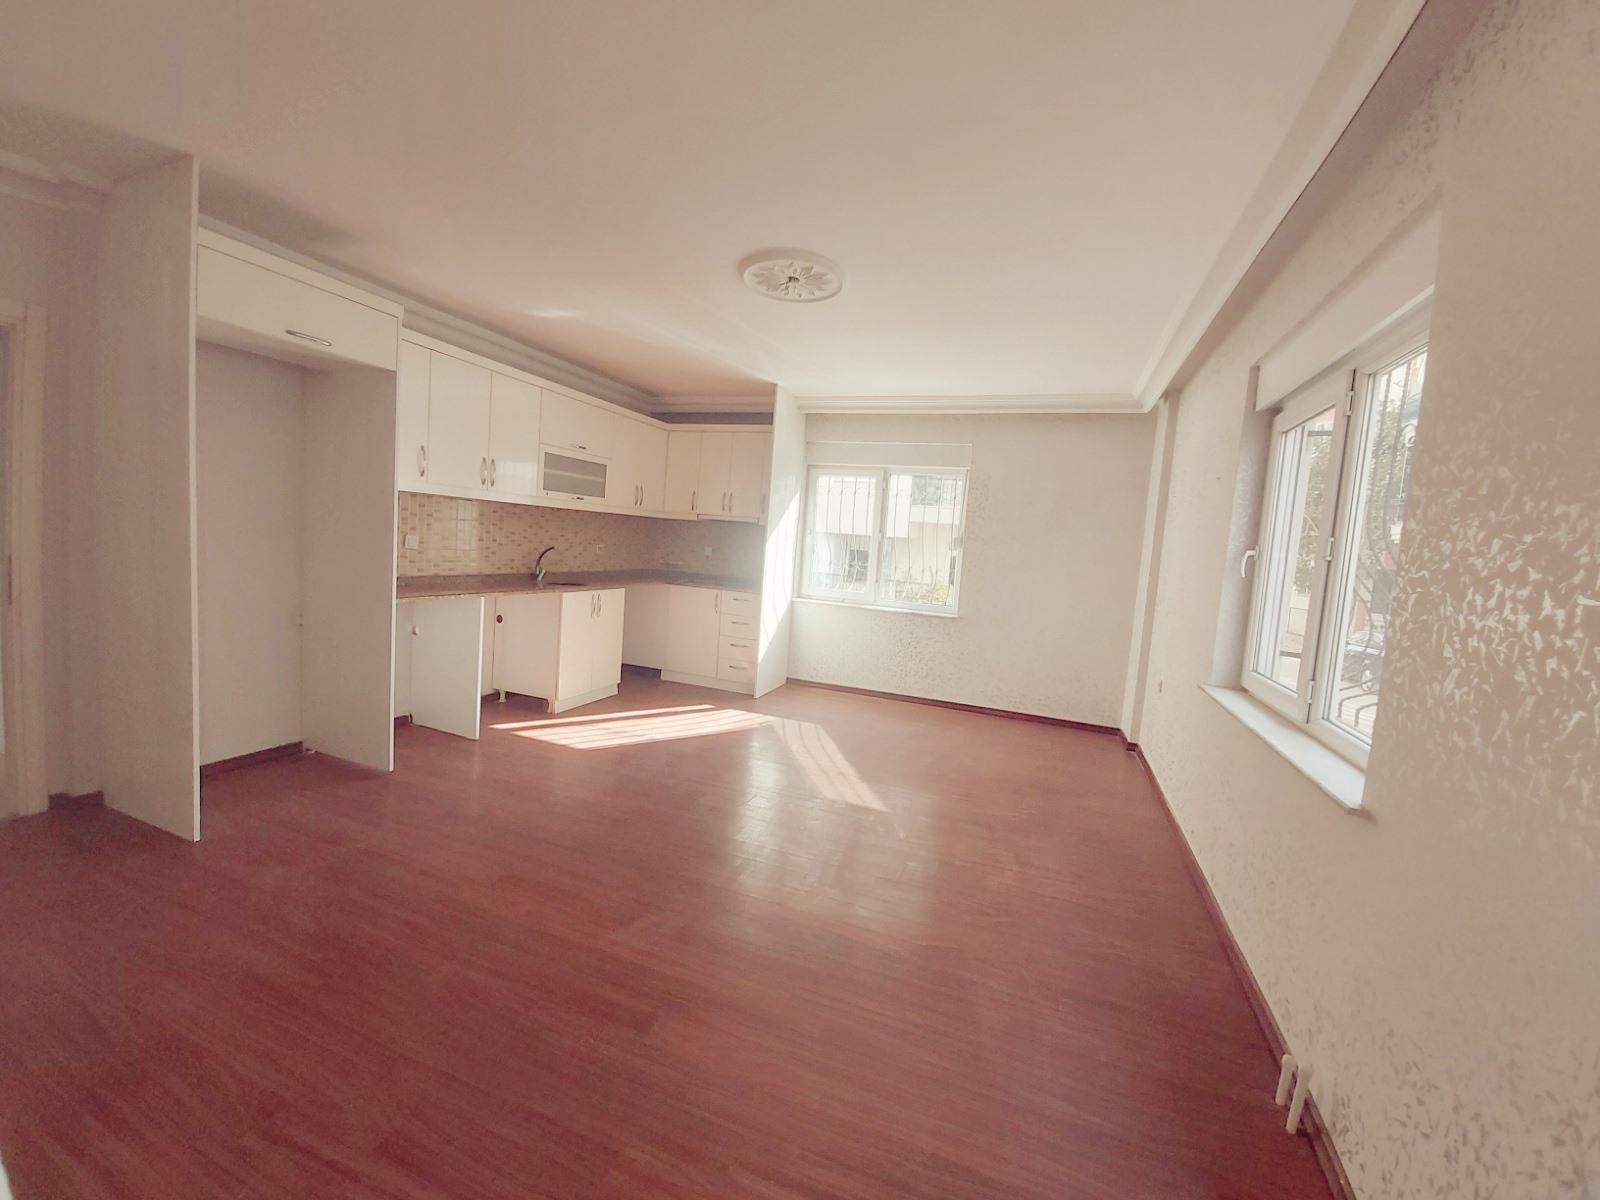 شقة للبيع في مراد باشا أنطاليا